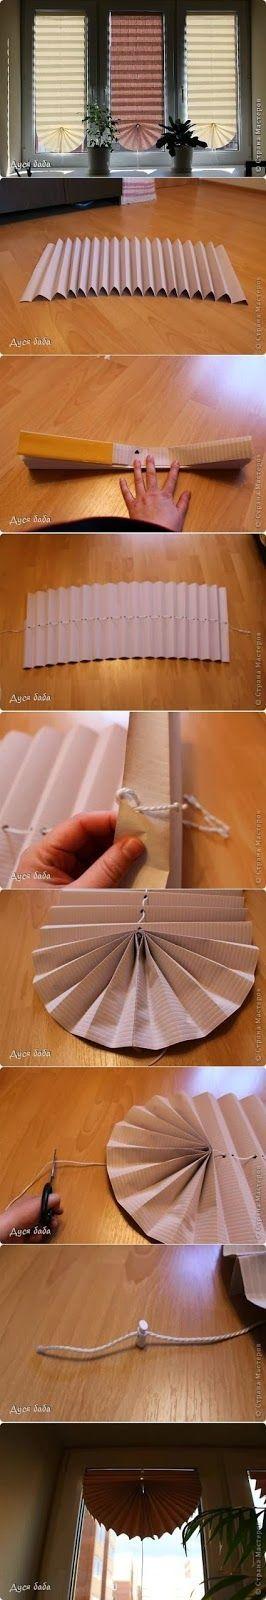 jalousie aus papierrollen selber machen, günstige alternative zu jalousien aus dem handel: diy-variante aus, Design ideen